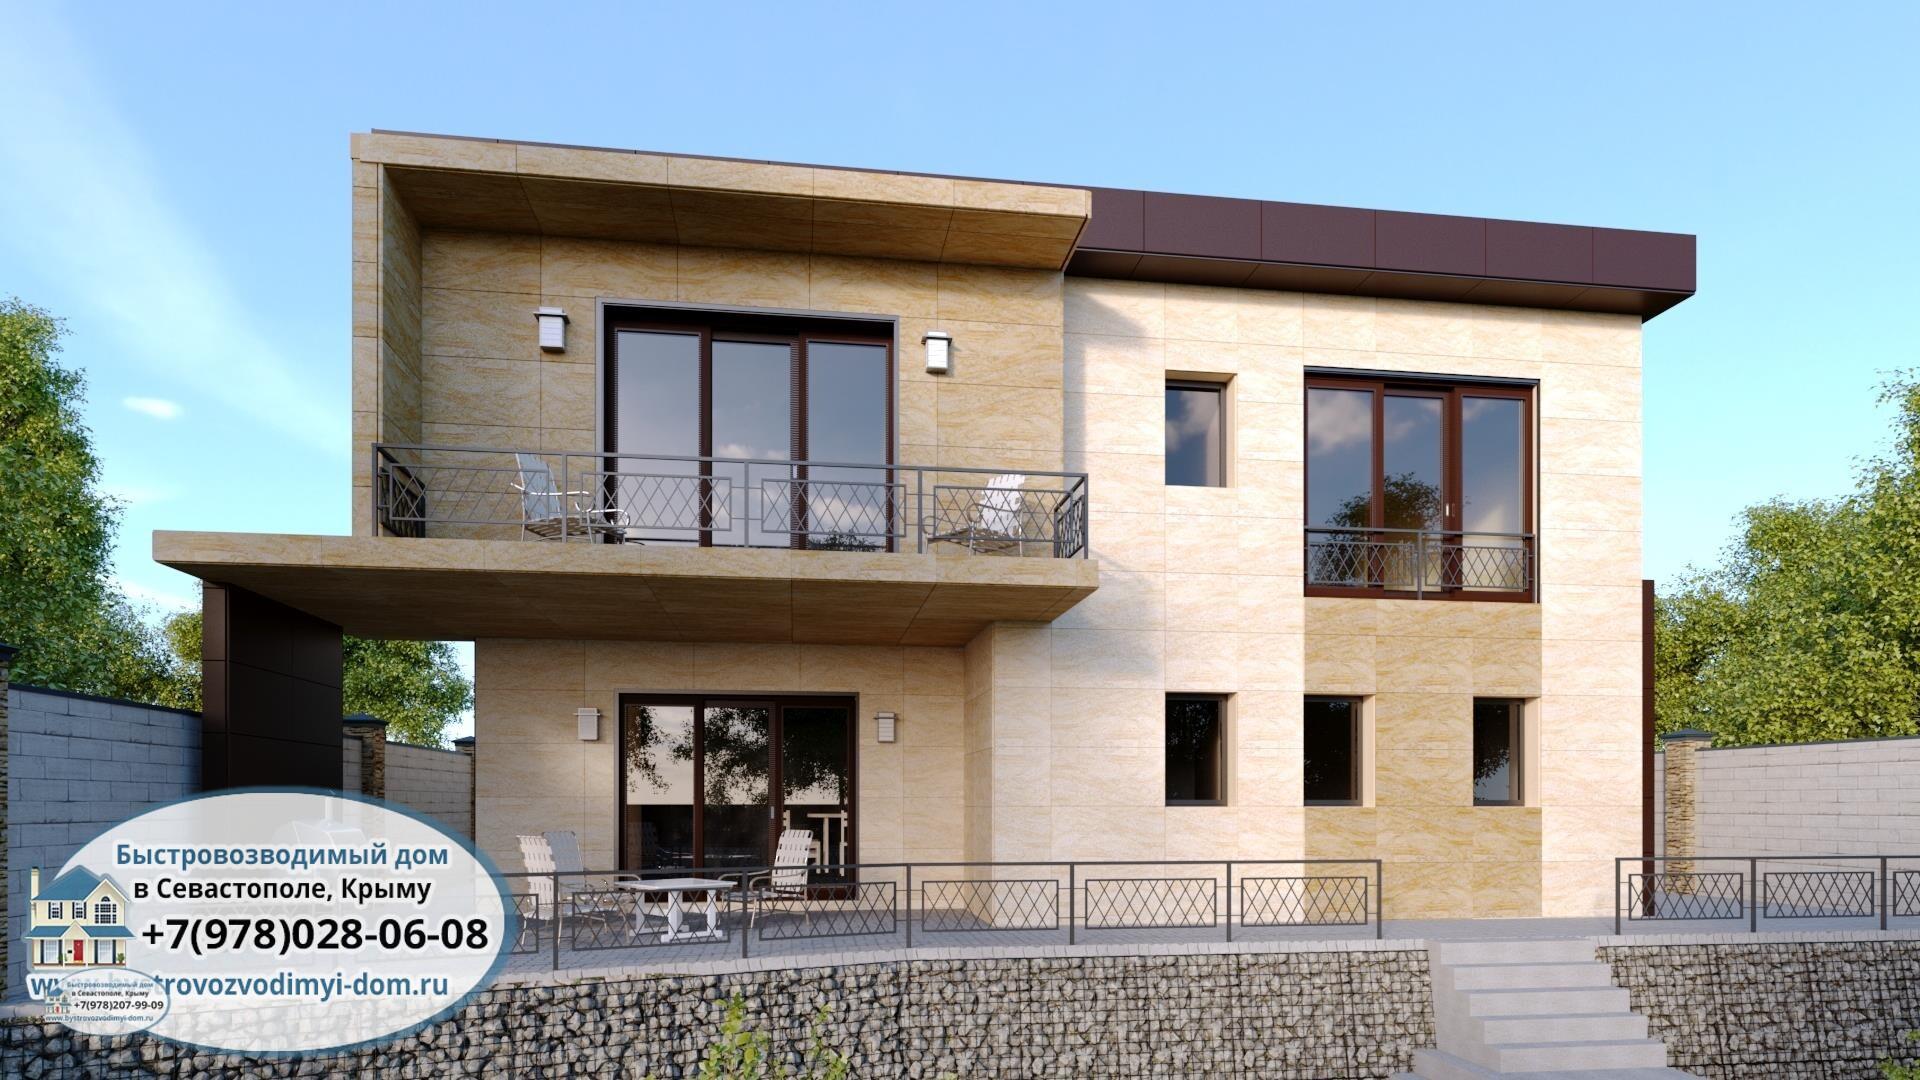 Строительство домов Севастополь проекты